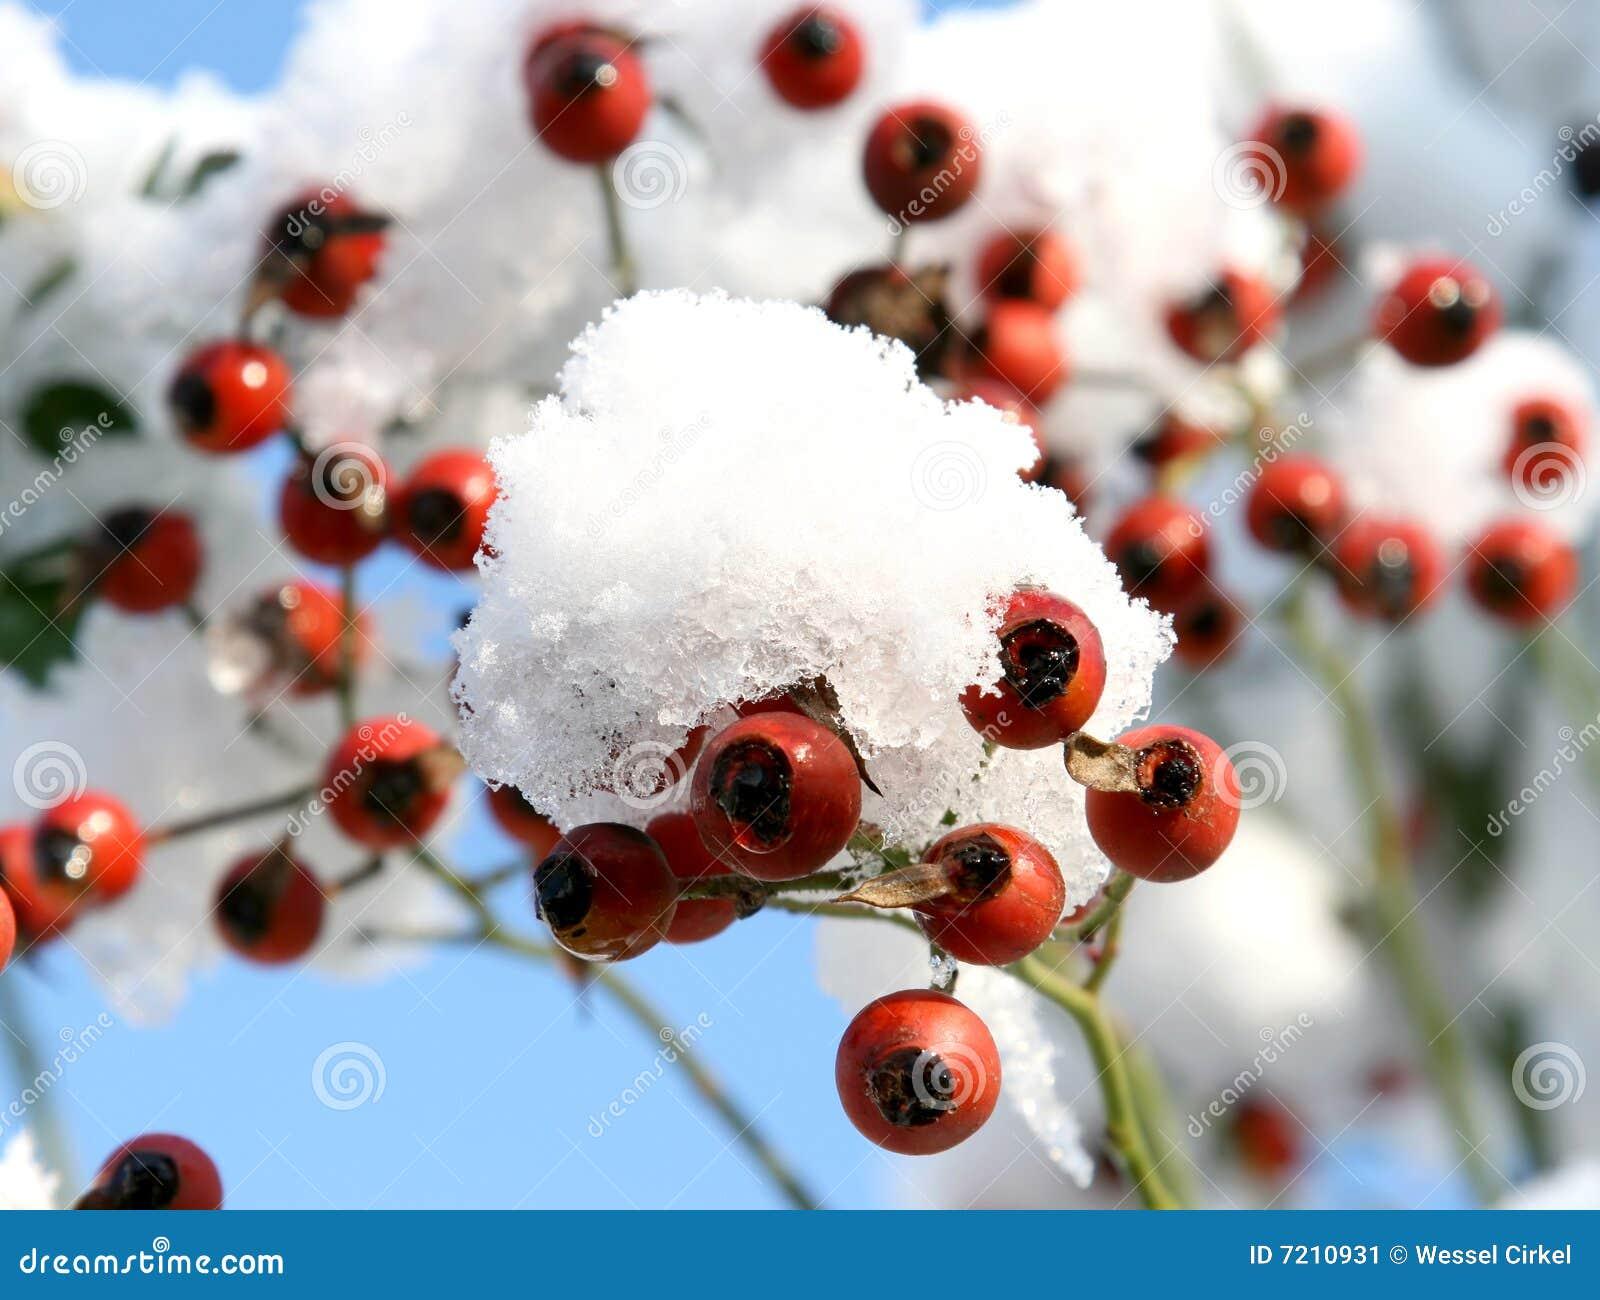 Rozebottels in de sneeuw